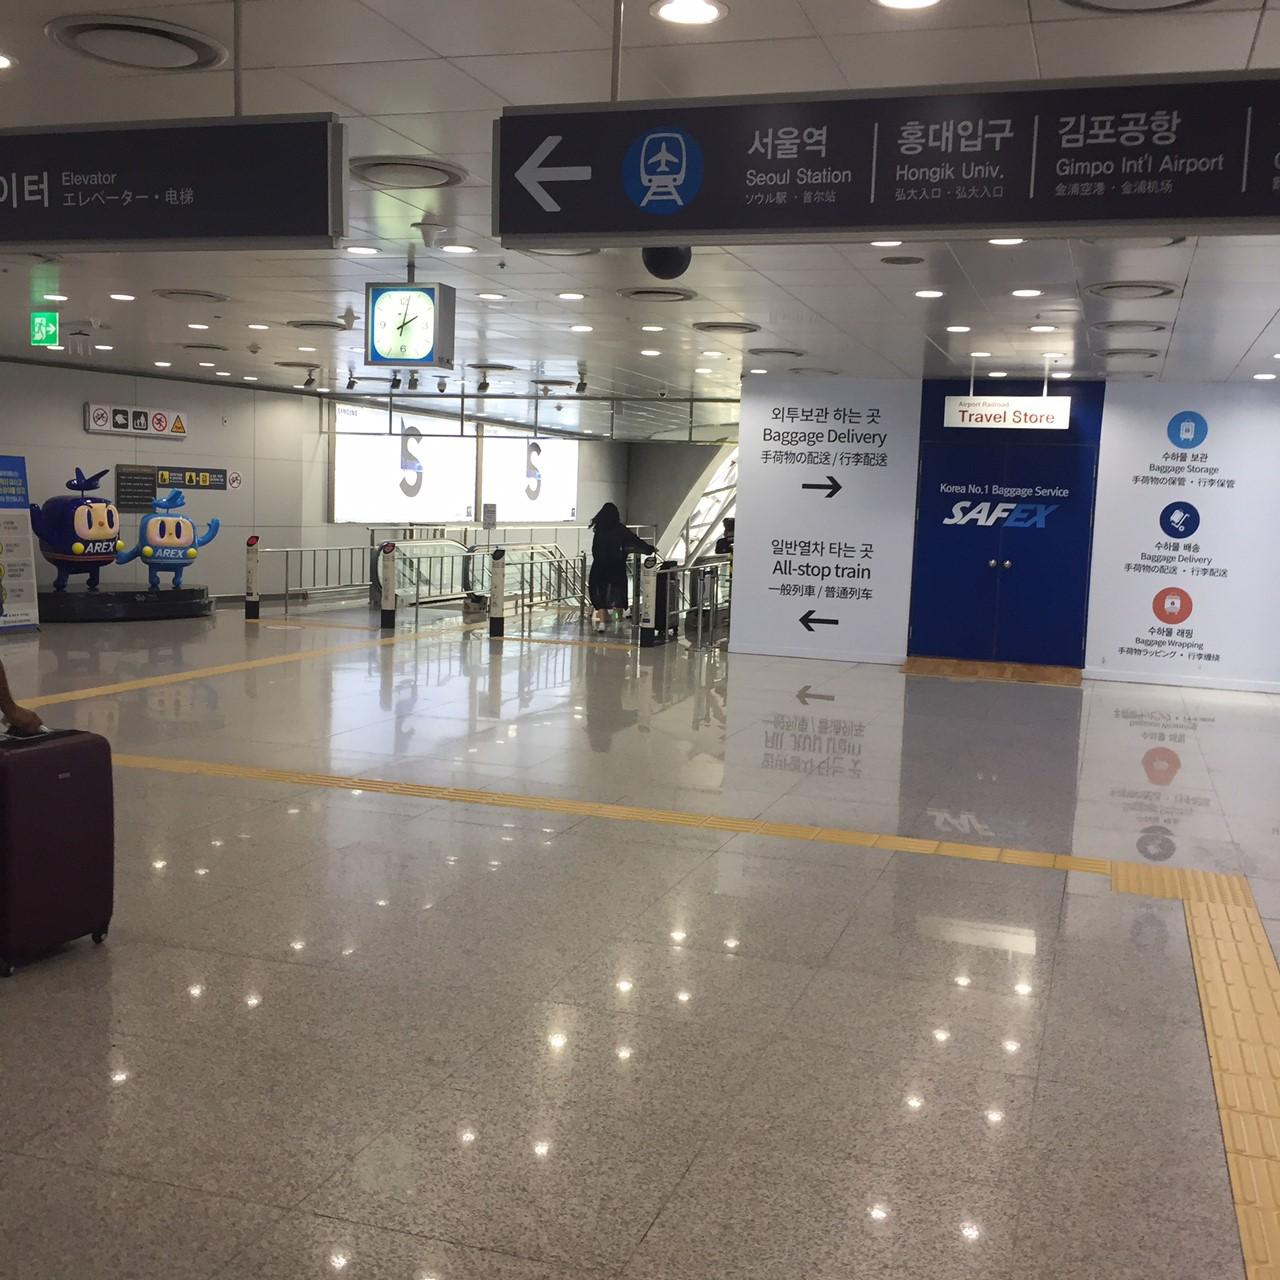 仁川空港 明洞 電車 乗り場